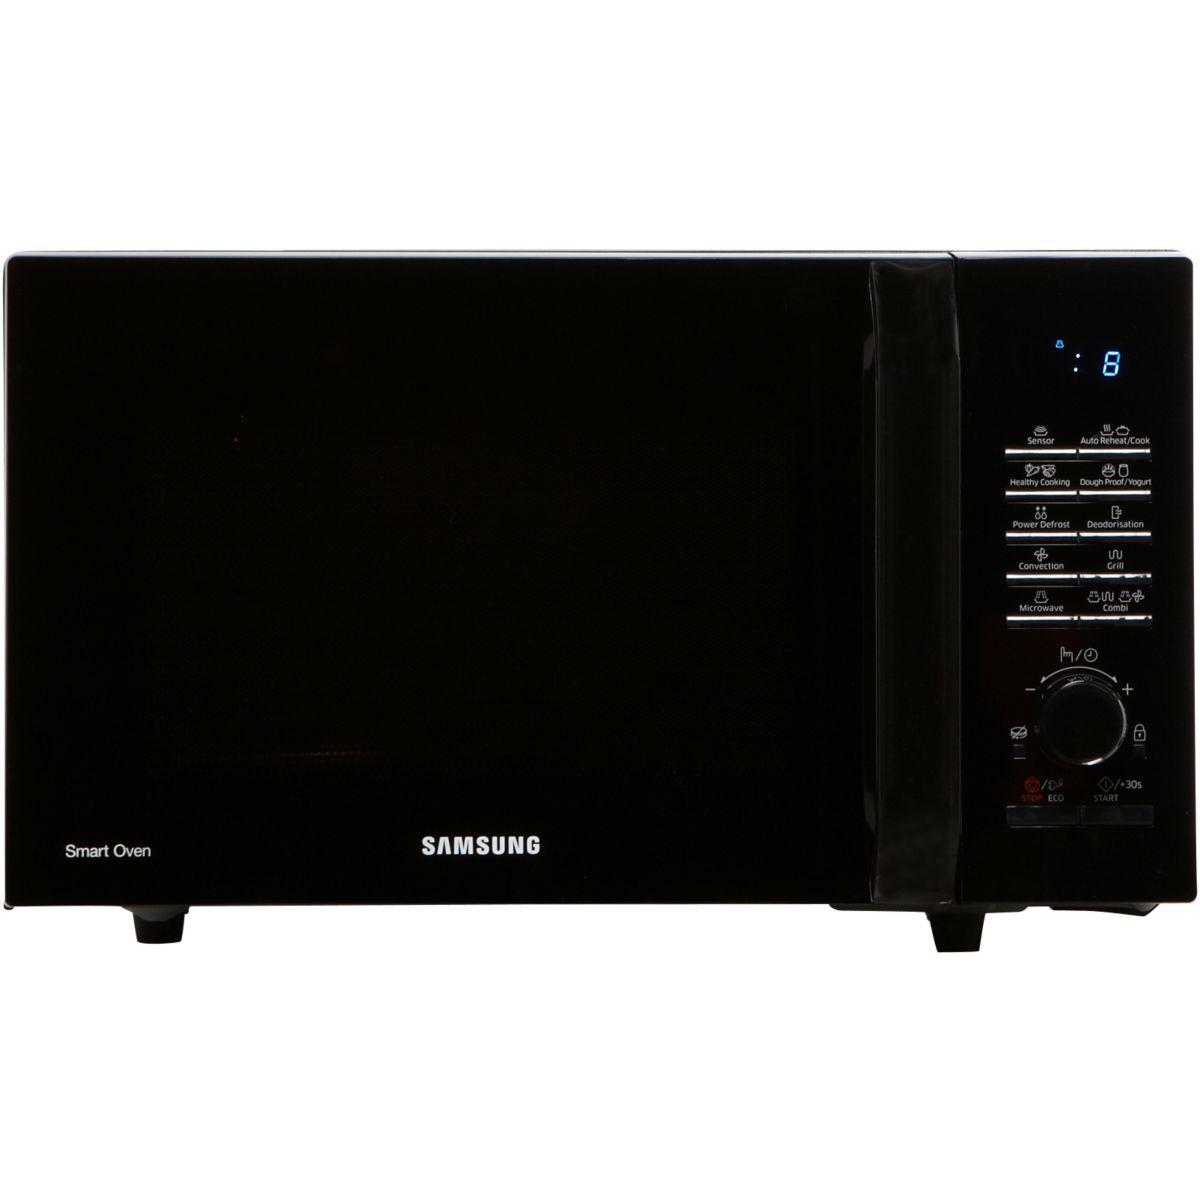 c5a0881d3fcd31 Samsung MC28H5125AK - Micro-ondes avec fonction Grill - Comparer ...